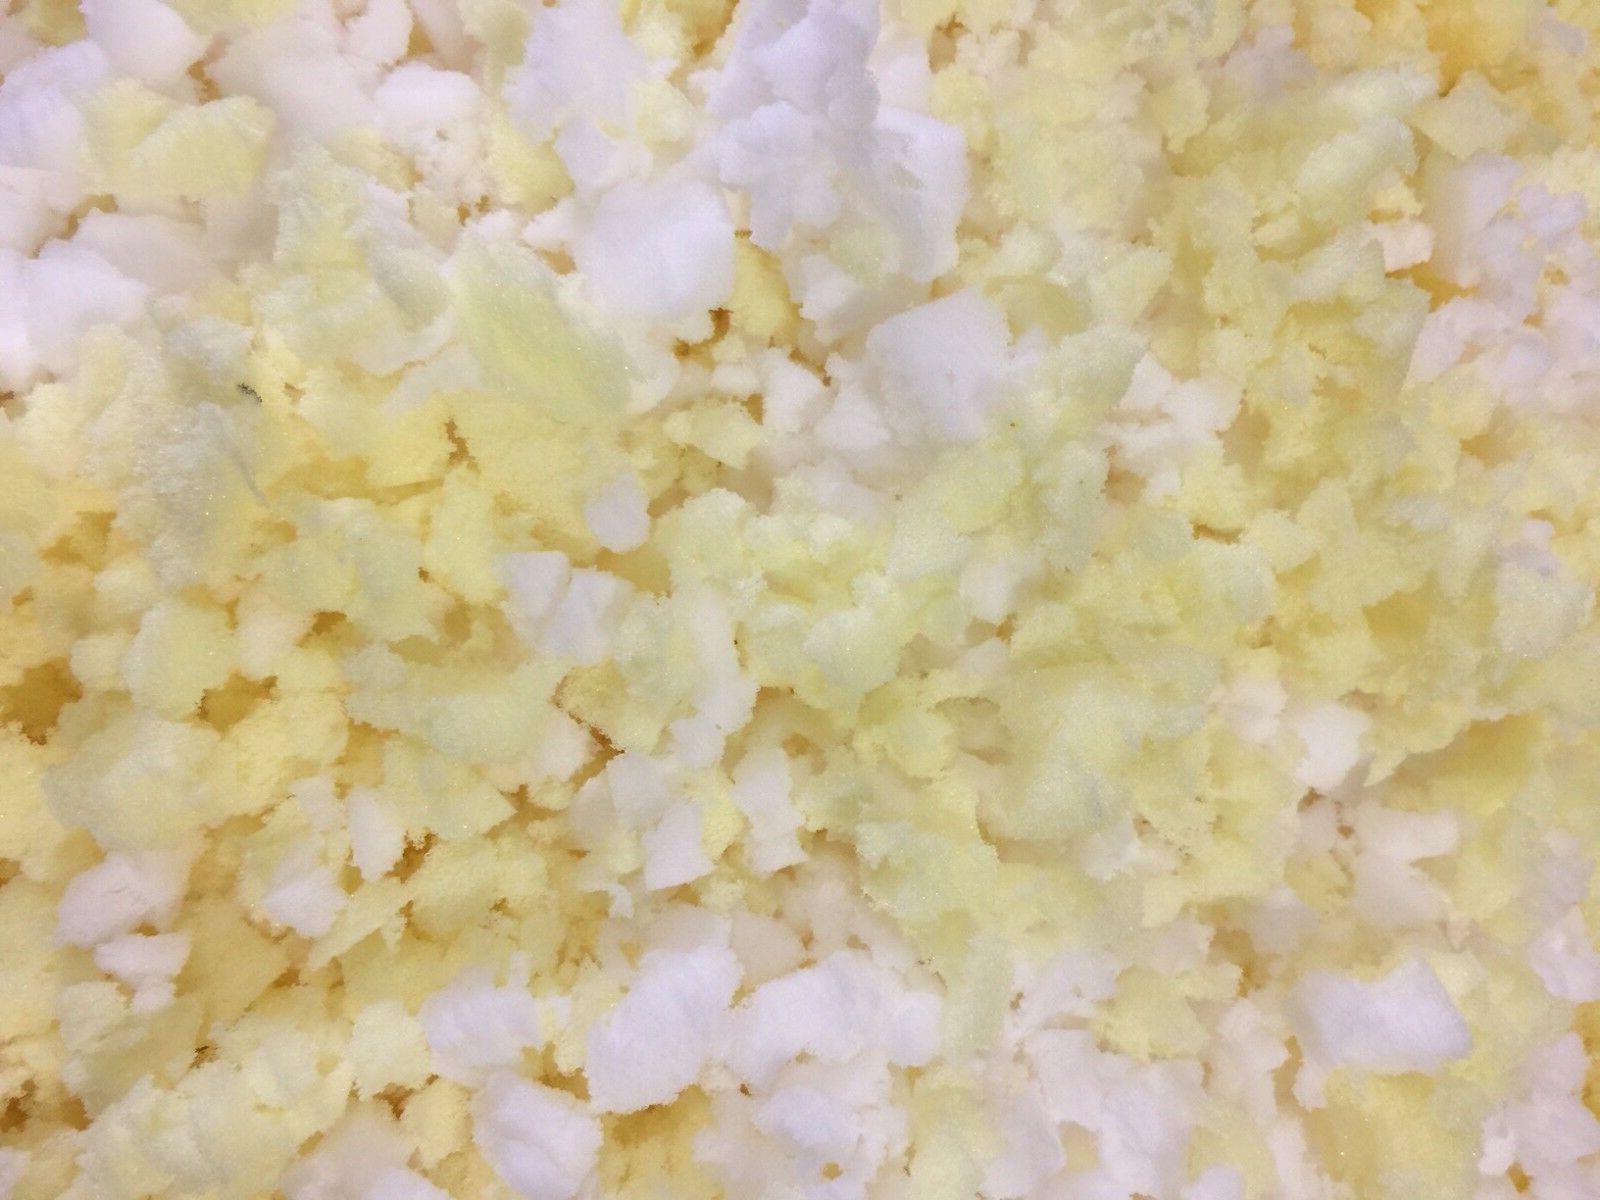 Shredded Memory Foam Fill Refill for Pillow, Bean Bag, Dog P